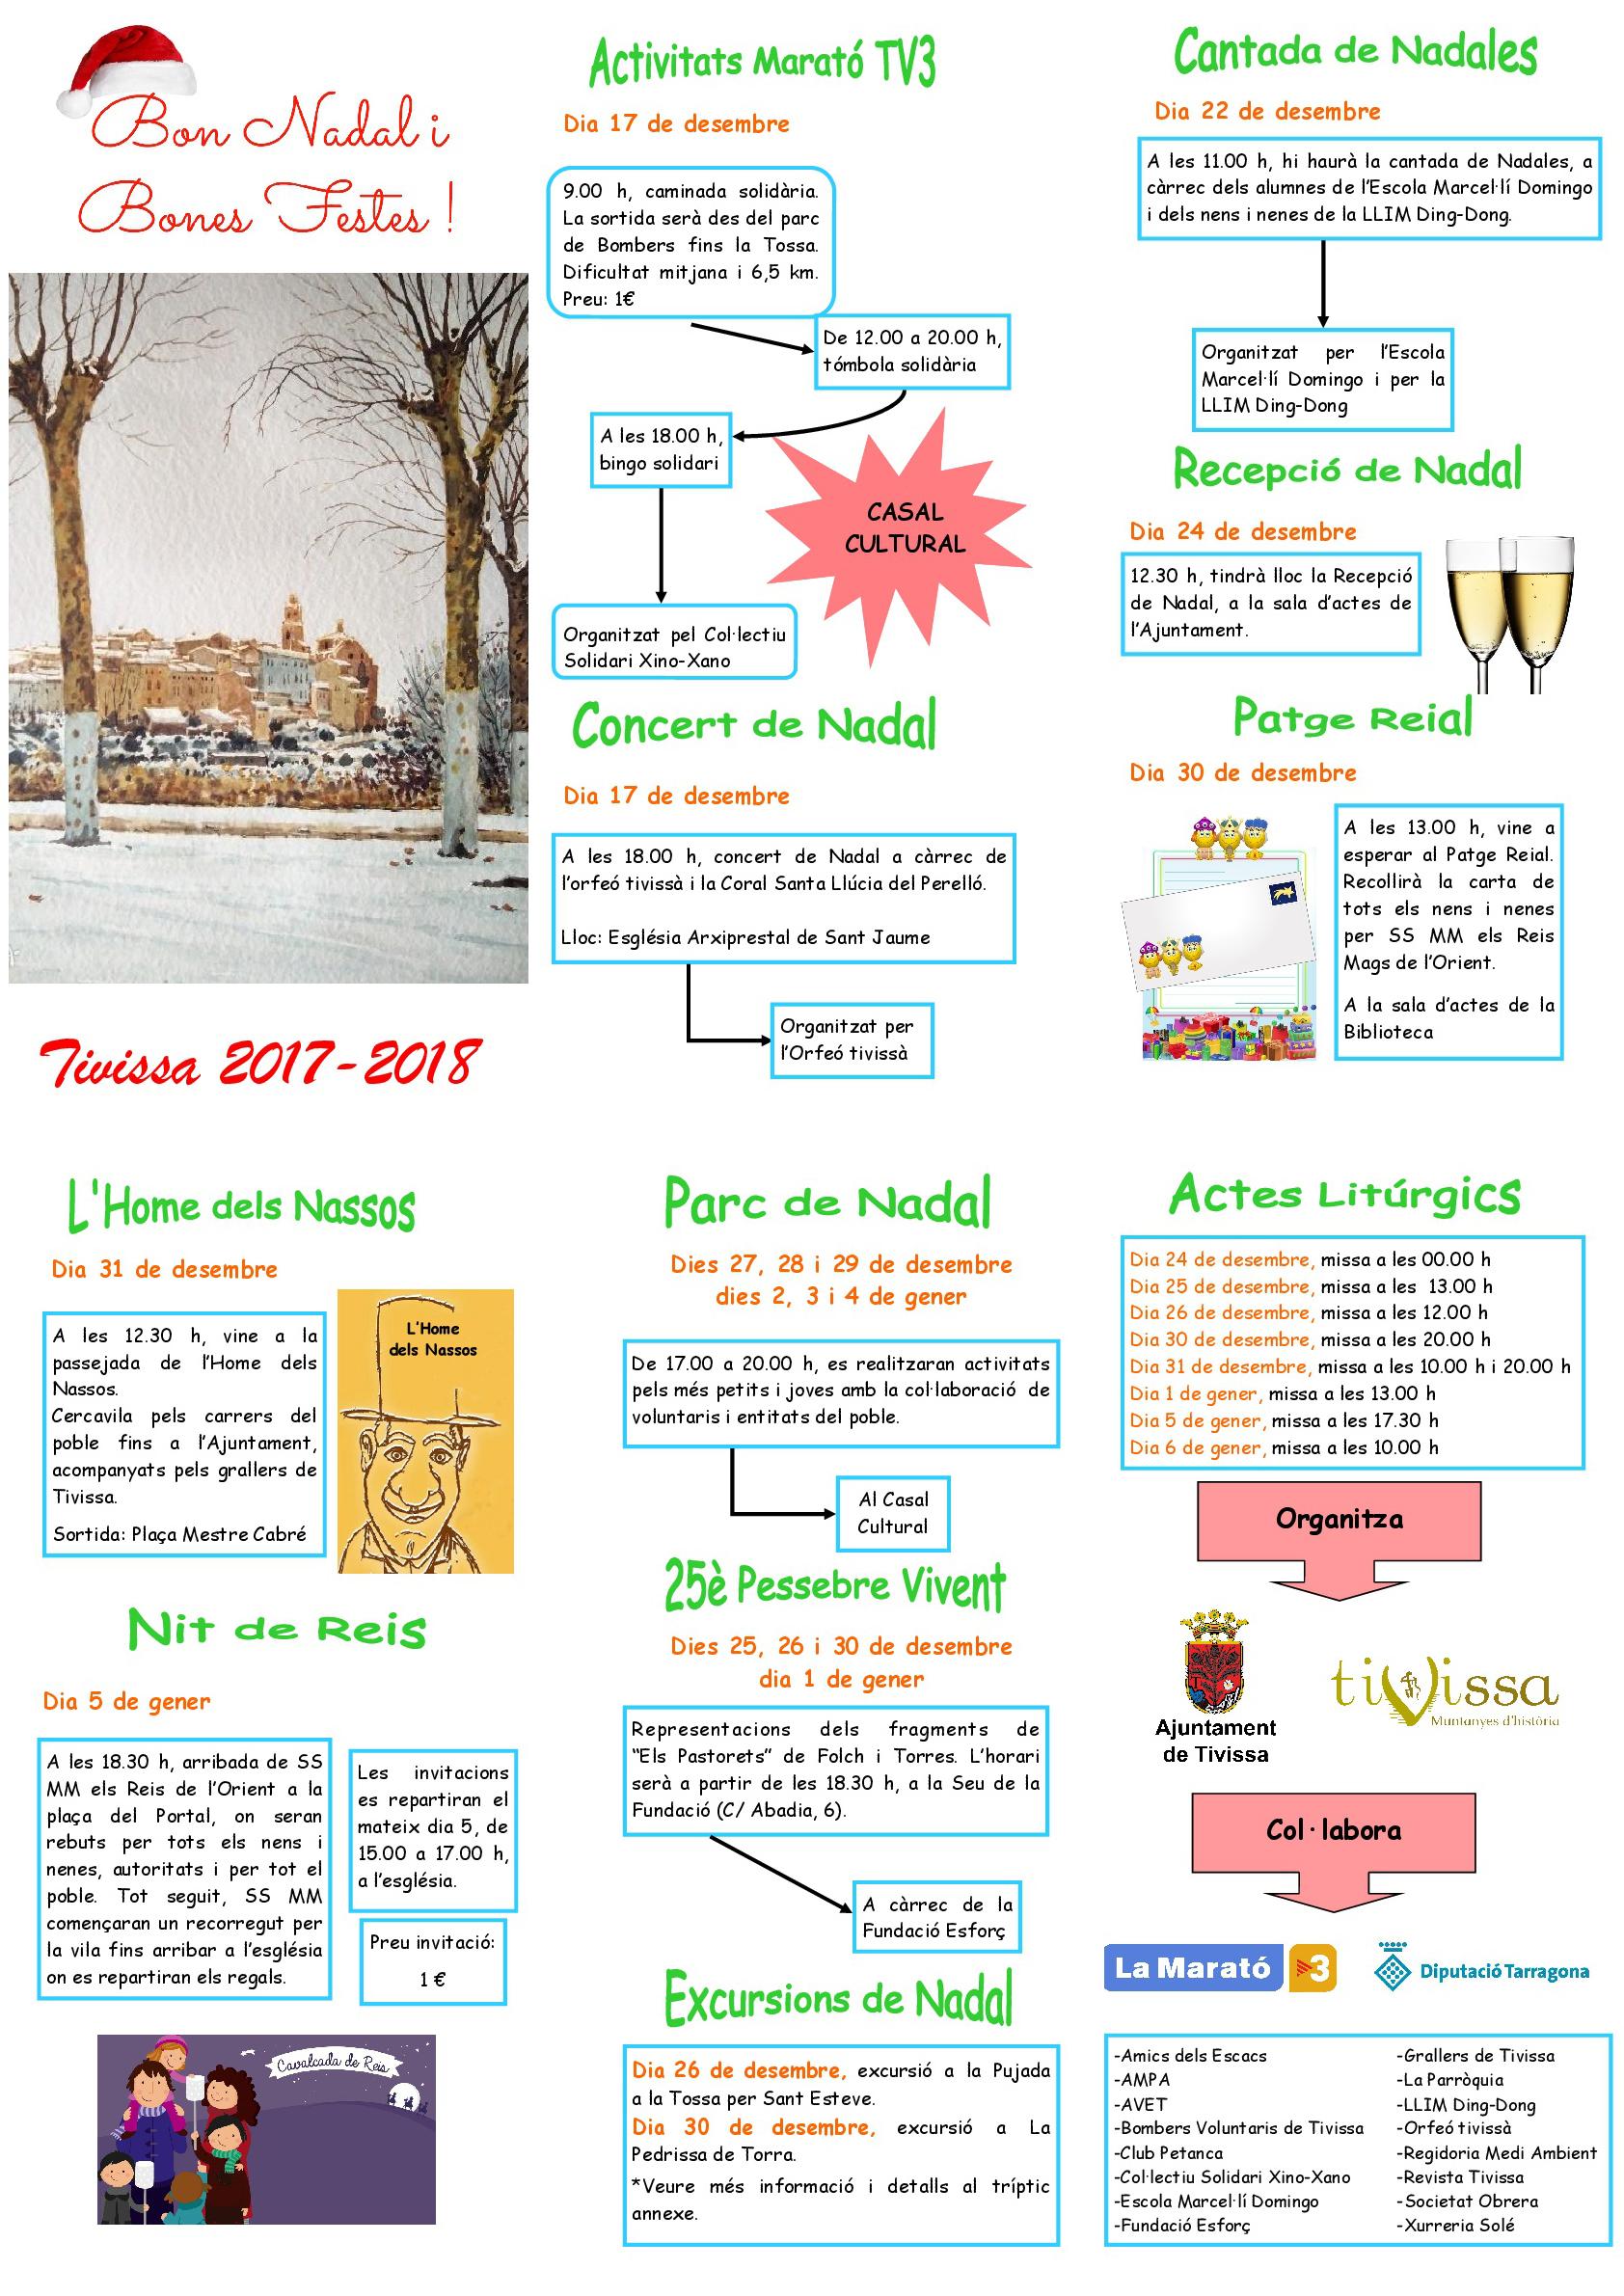 Activitats de Nadal 2017-2018